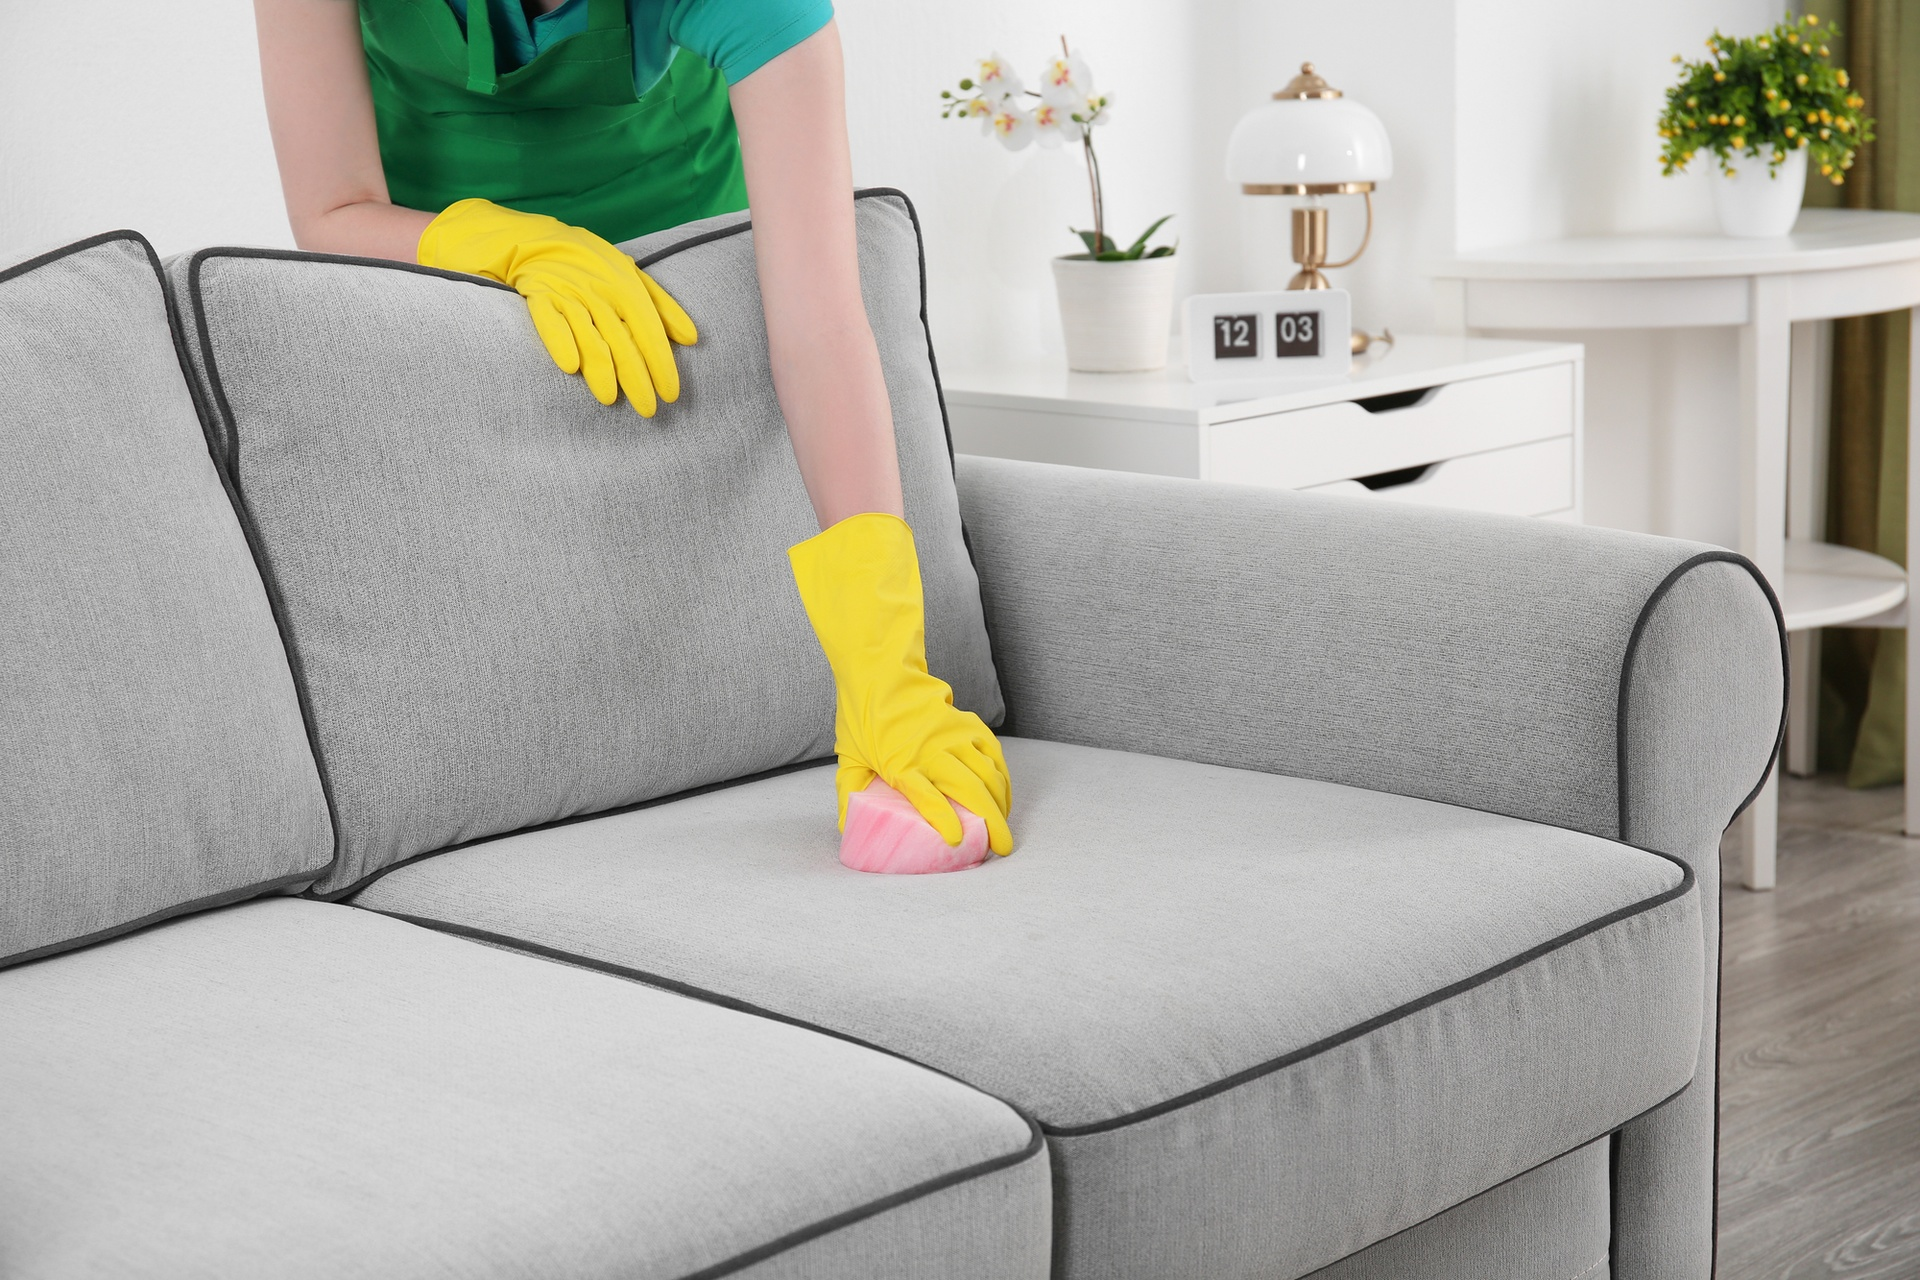 Чистка мебели в картинках